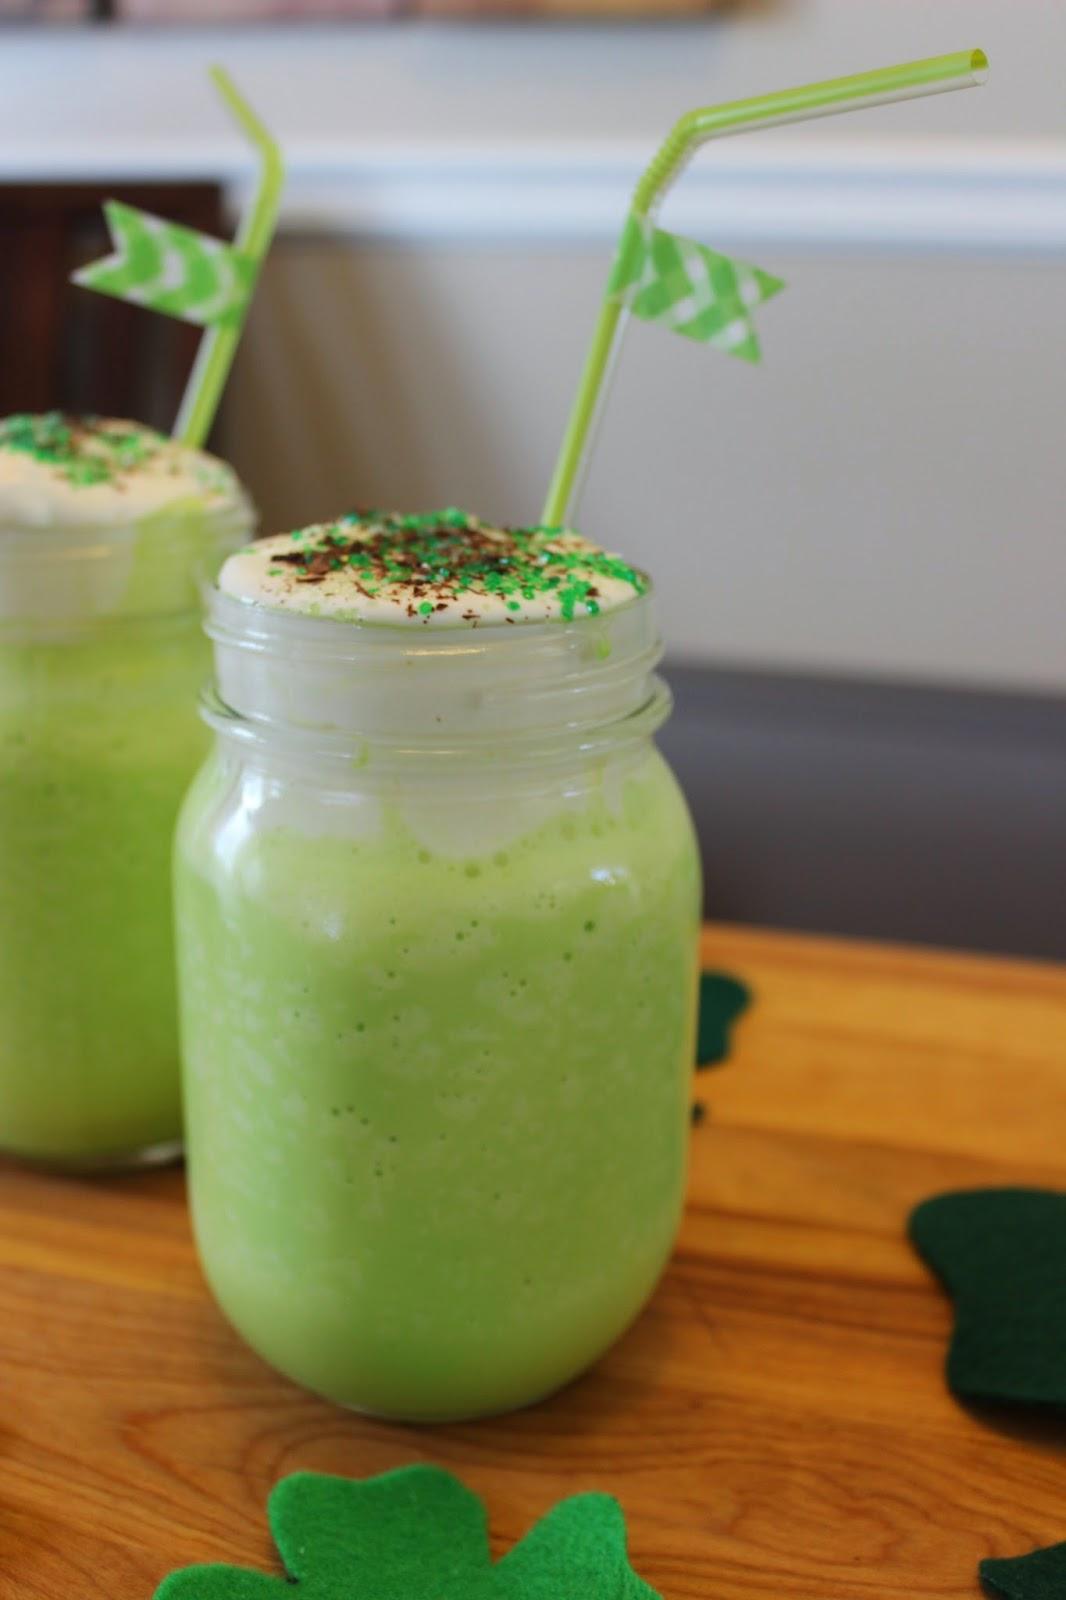 Mint Milkshakes for St. Patrick's Day